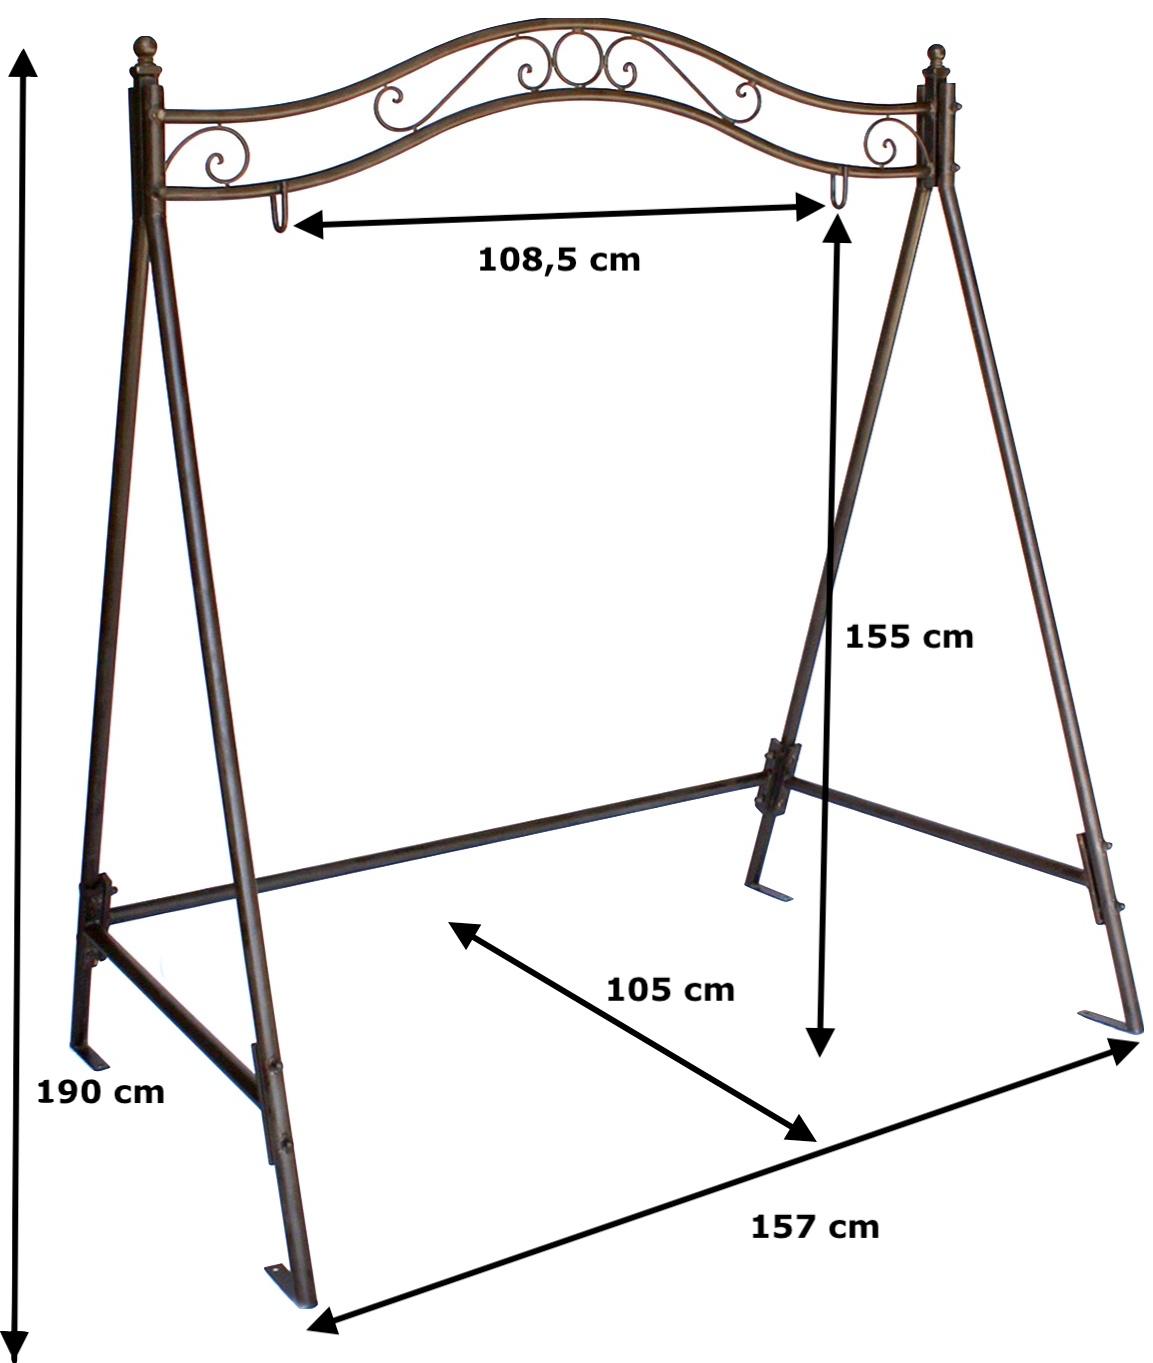 gestell f r schaukel 082505 hollywoodschaukel aus eisen. Black Bedroom Furniture Sets. Home Design Ideas